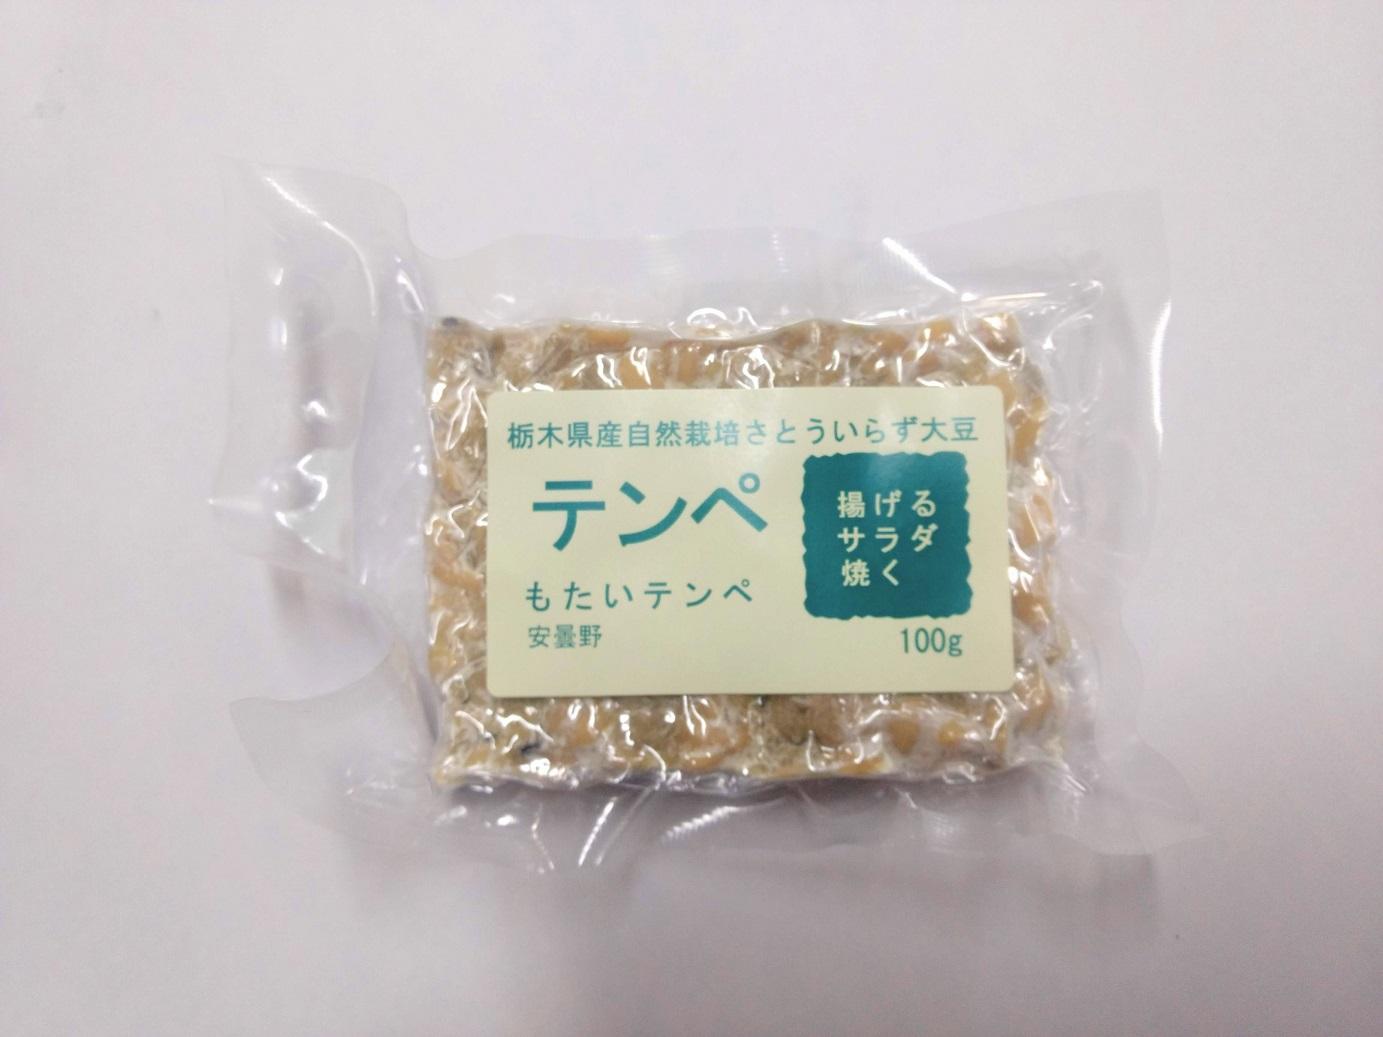 栃木県産自然栽培さとういらず大豆テンペ100g